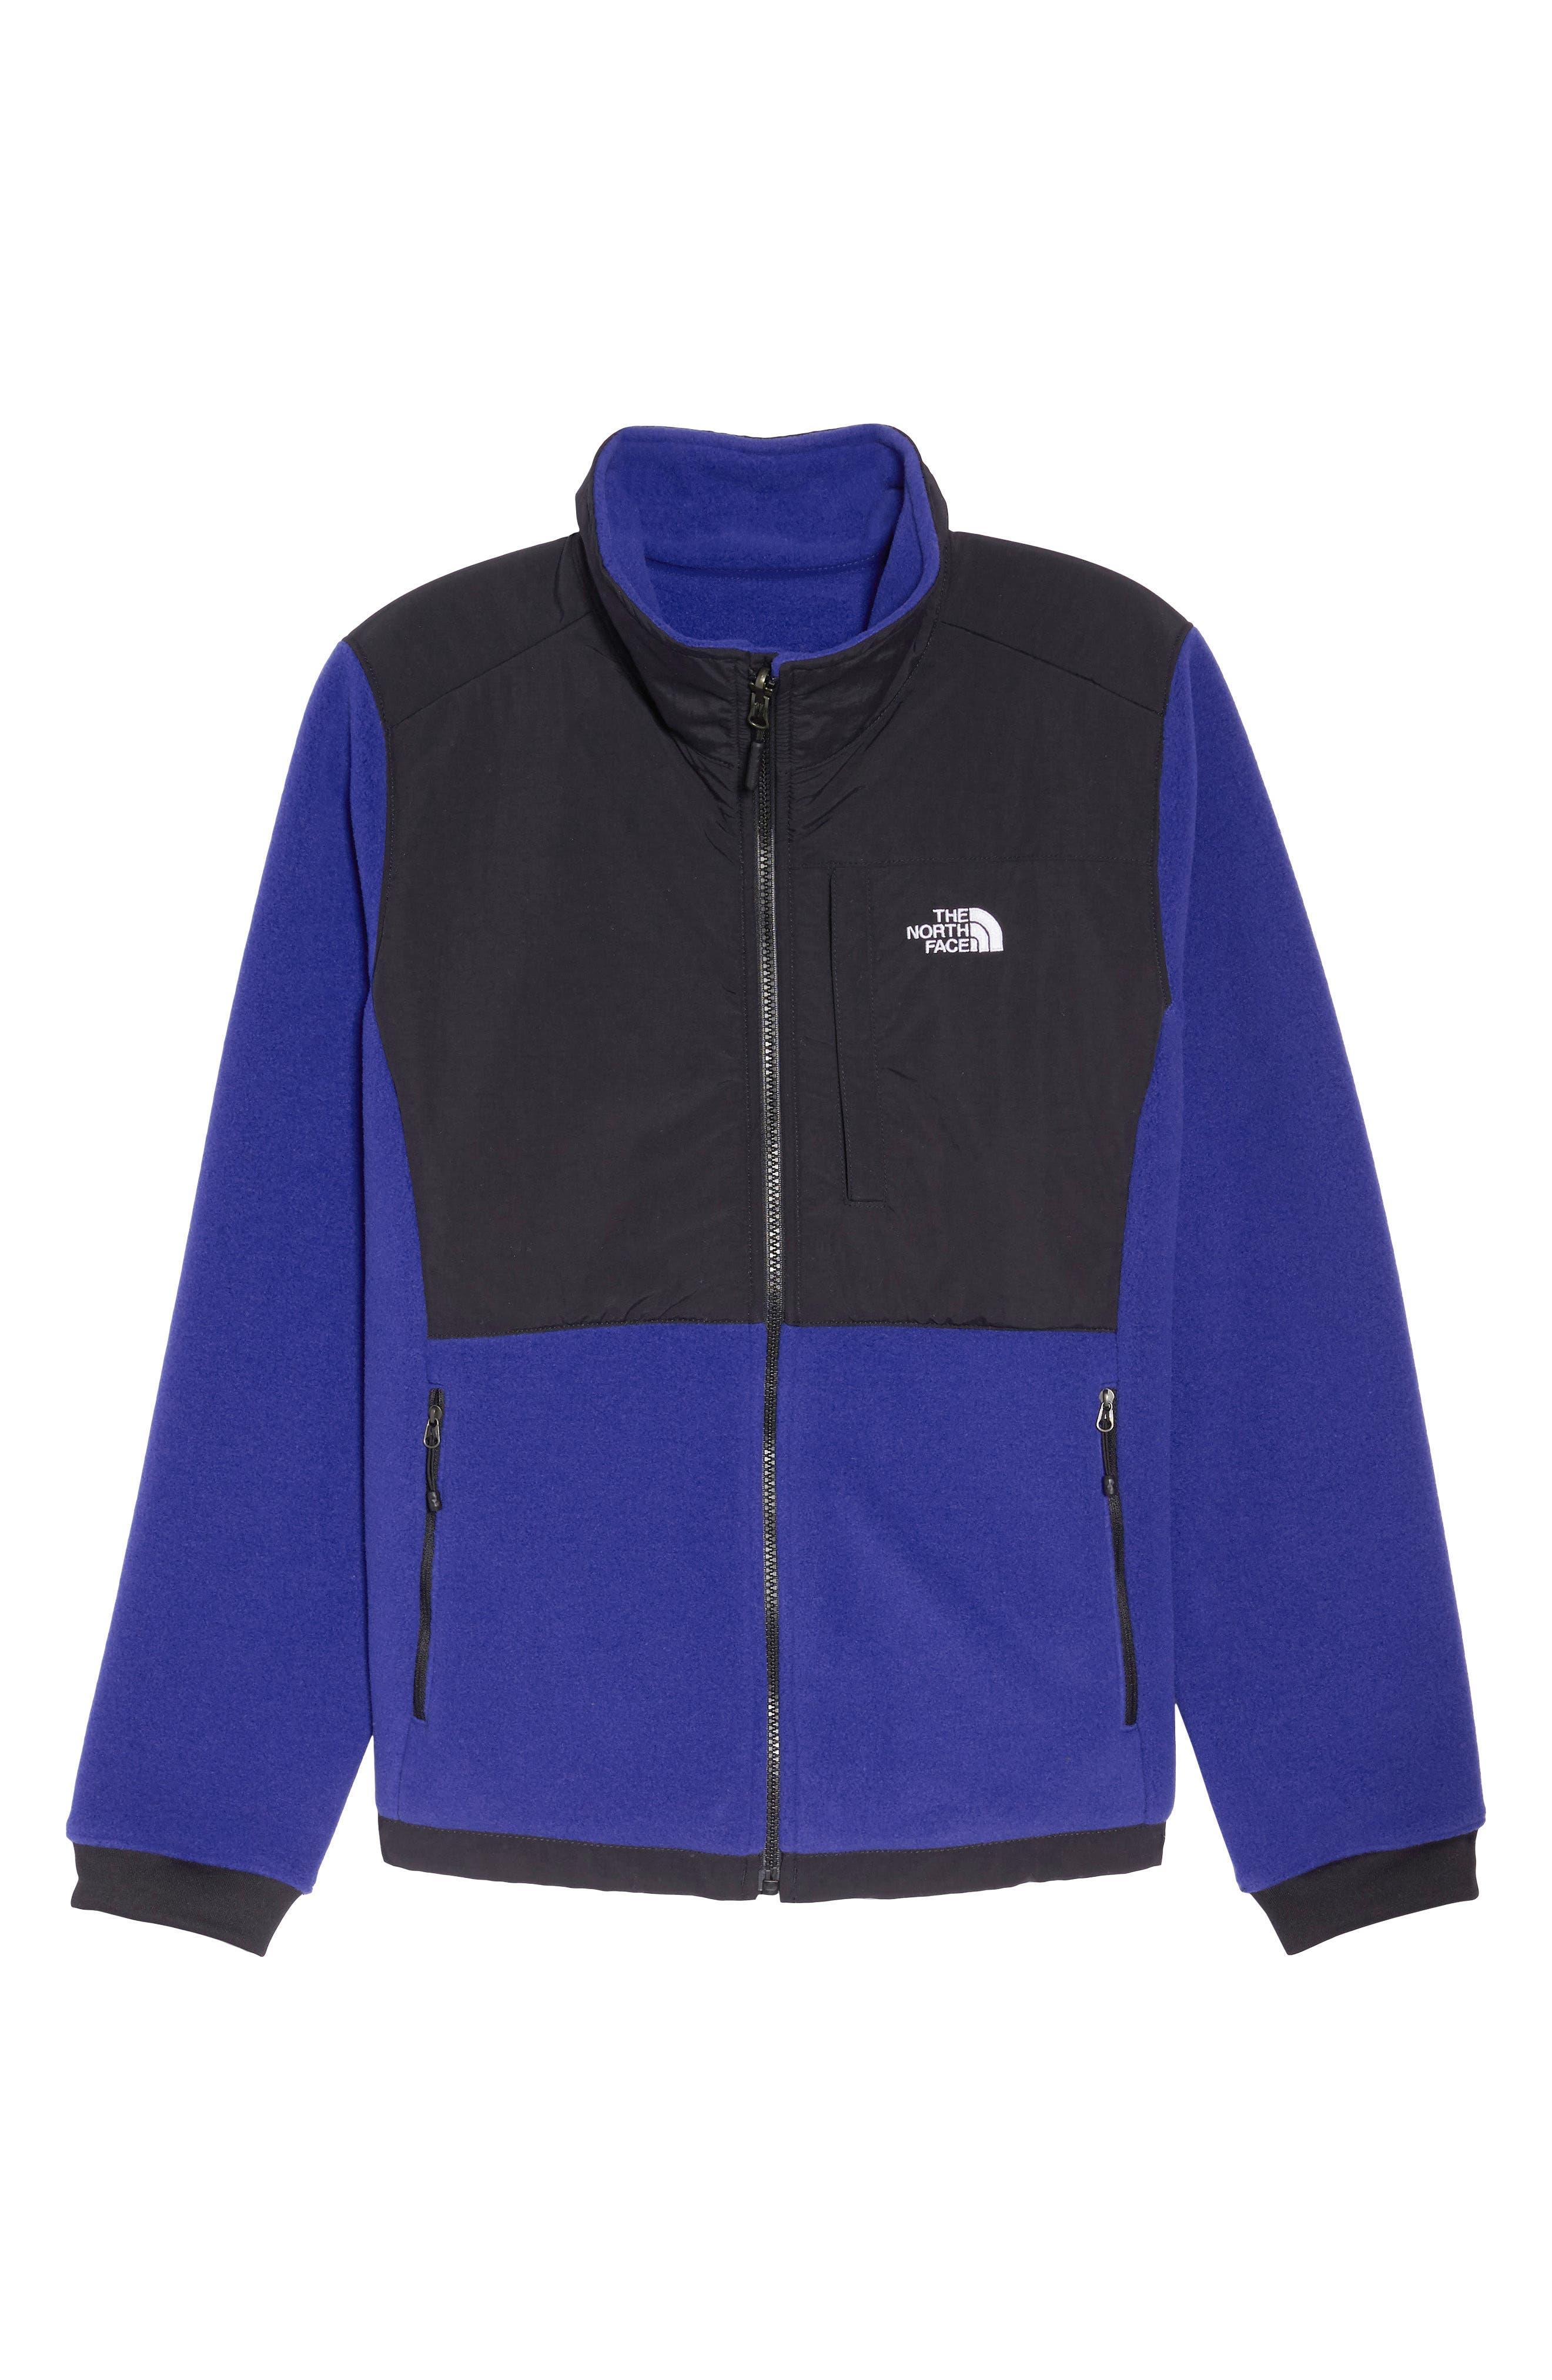 Denali 2 Jacket,                             Alternate thumbnail 6, color,                             LAPIS BLUE/ TNF BLACK